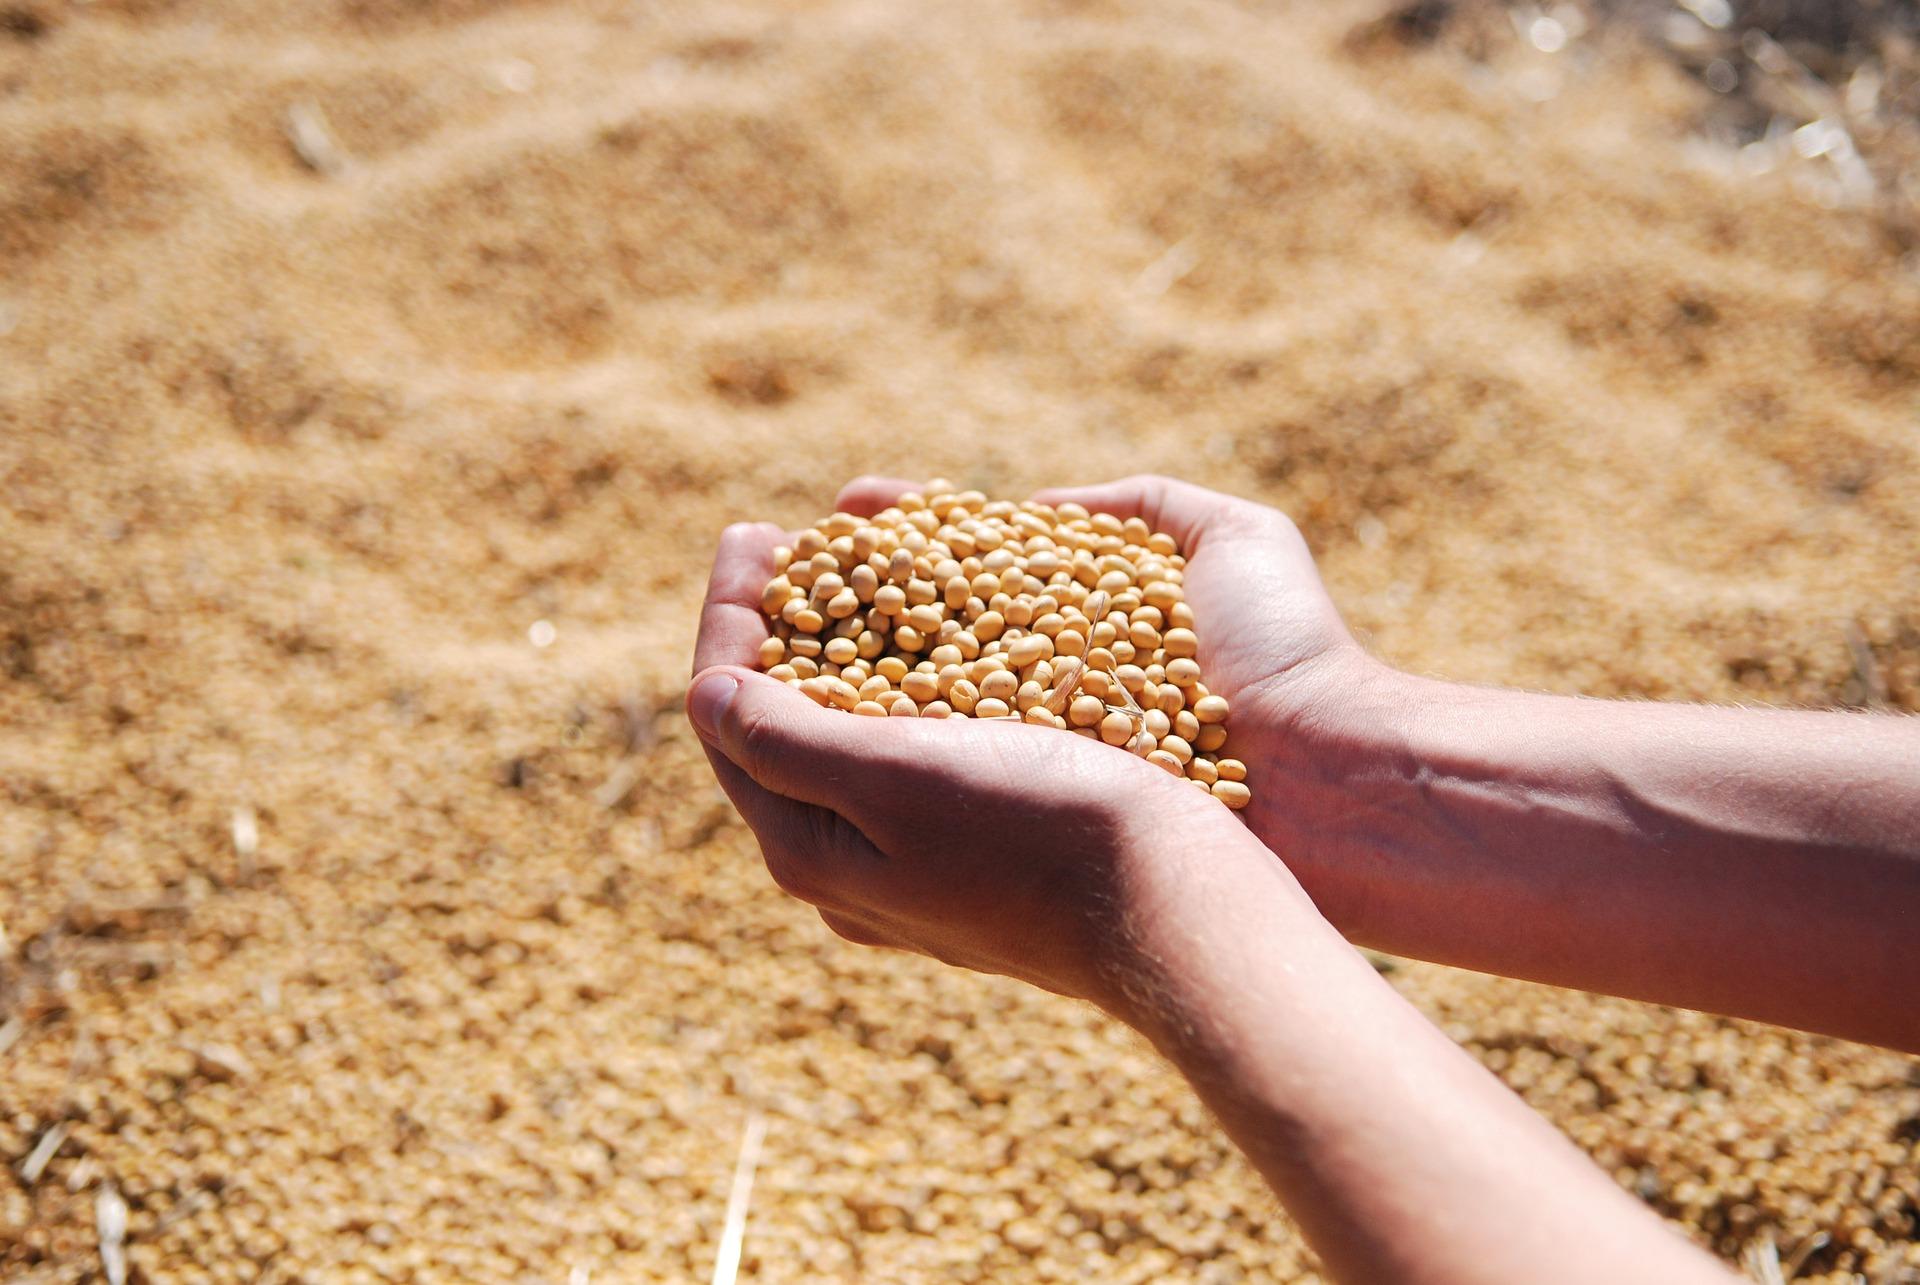 Nouveaux OGM : une pétition de plus de 110 000 signatures remise à Nicolas Hulot   France Nature Environnement